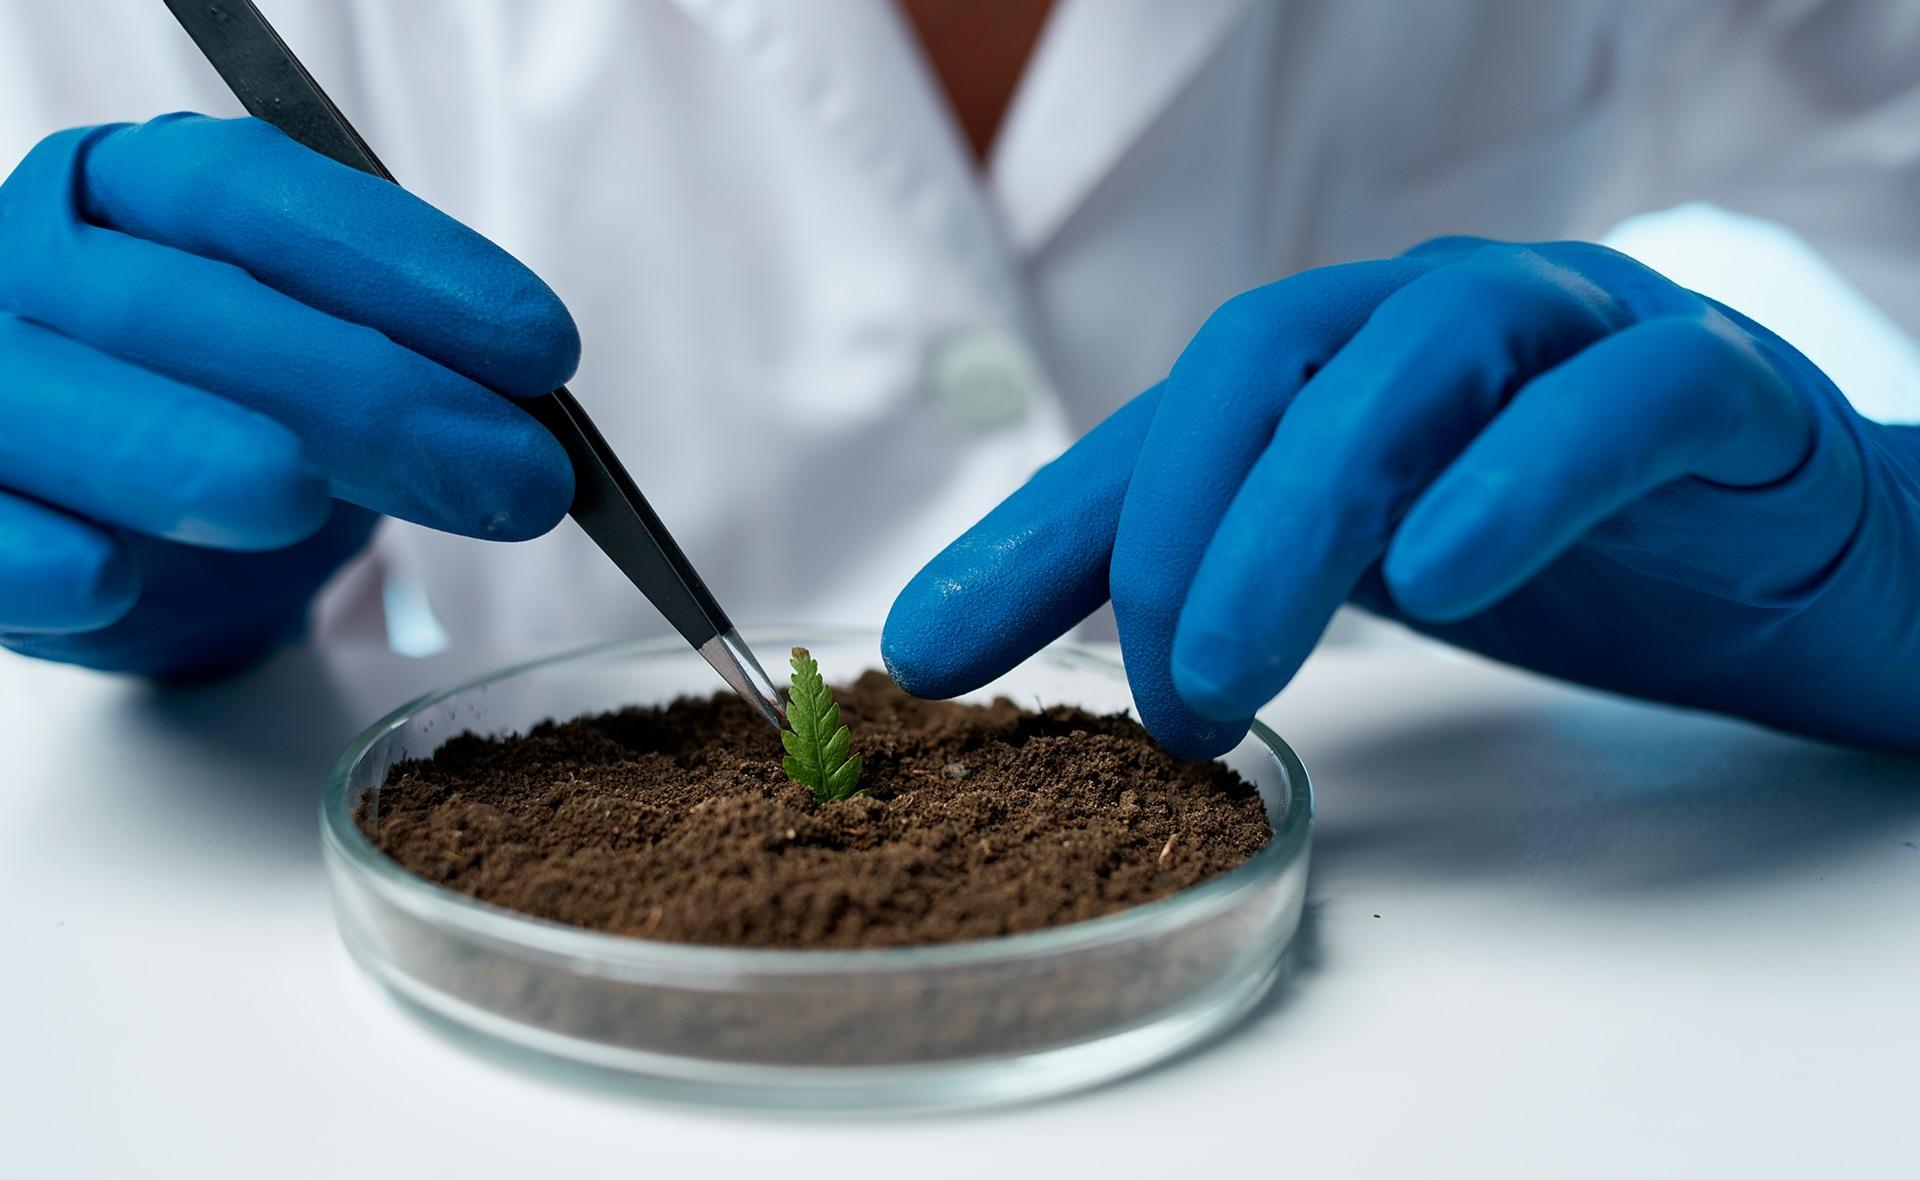 sostenibilidad-bbva-ciencia-ods-innovacion